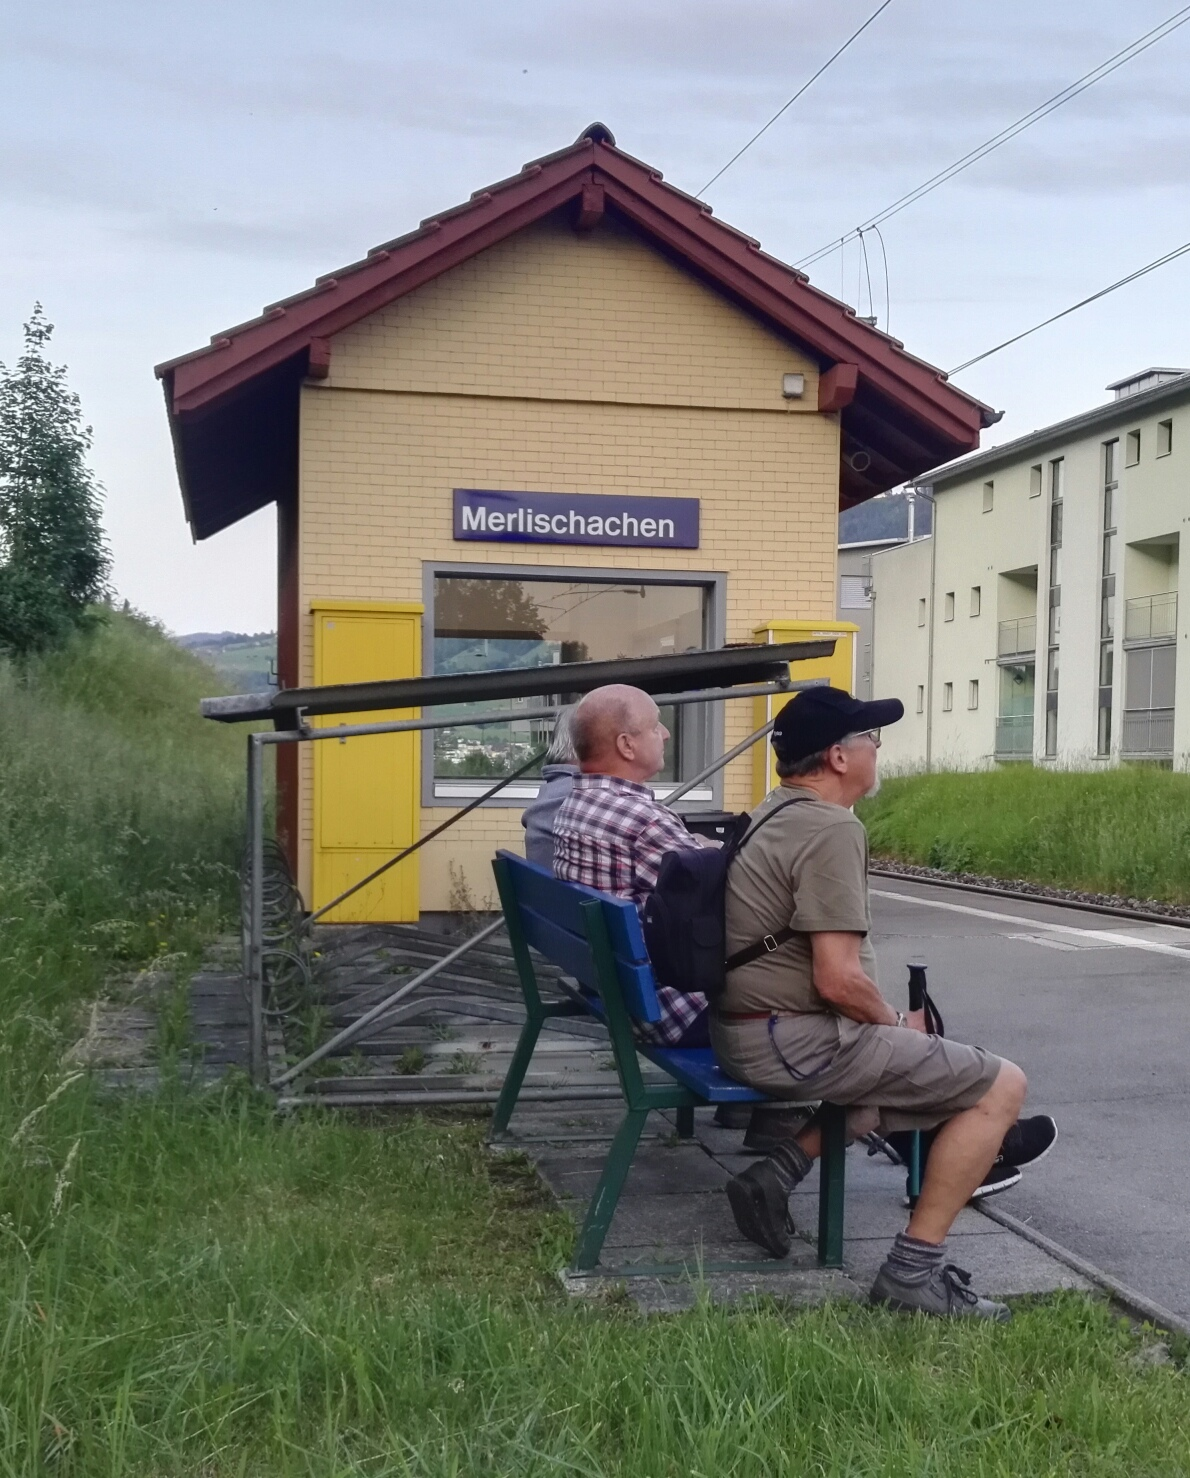 aus dieser Richtung kommt kein Zug, andere Richtung später als geplant.....